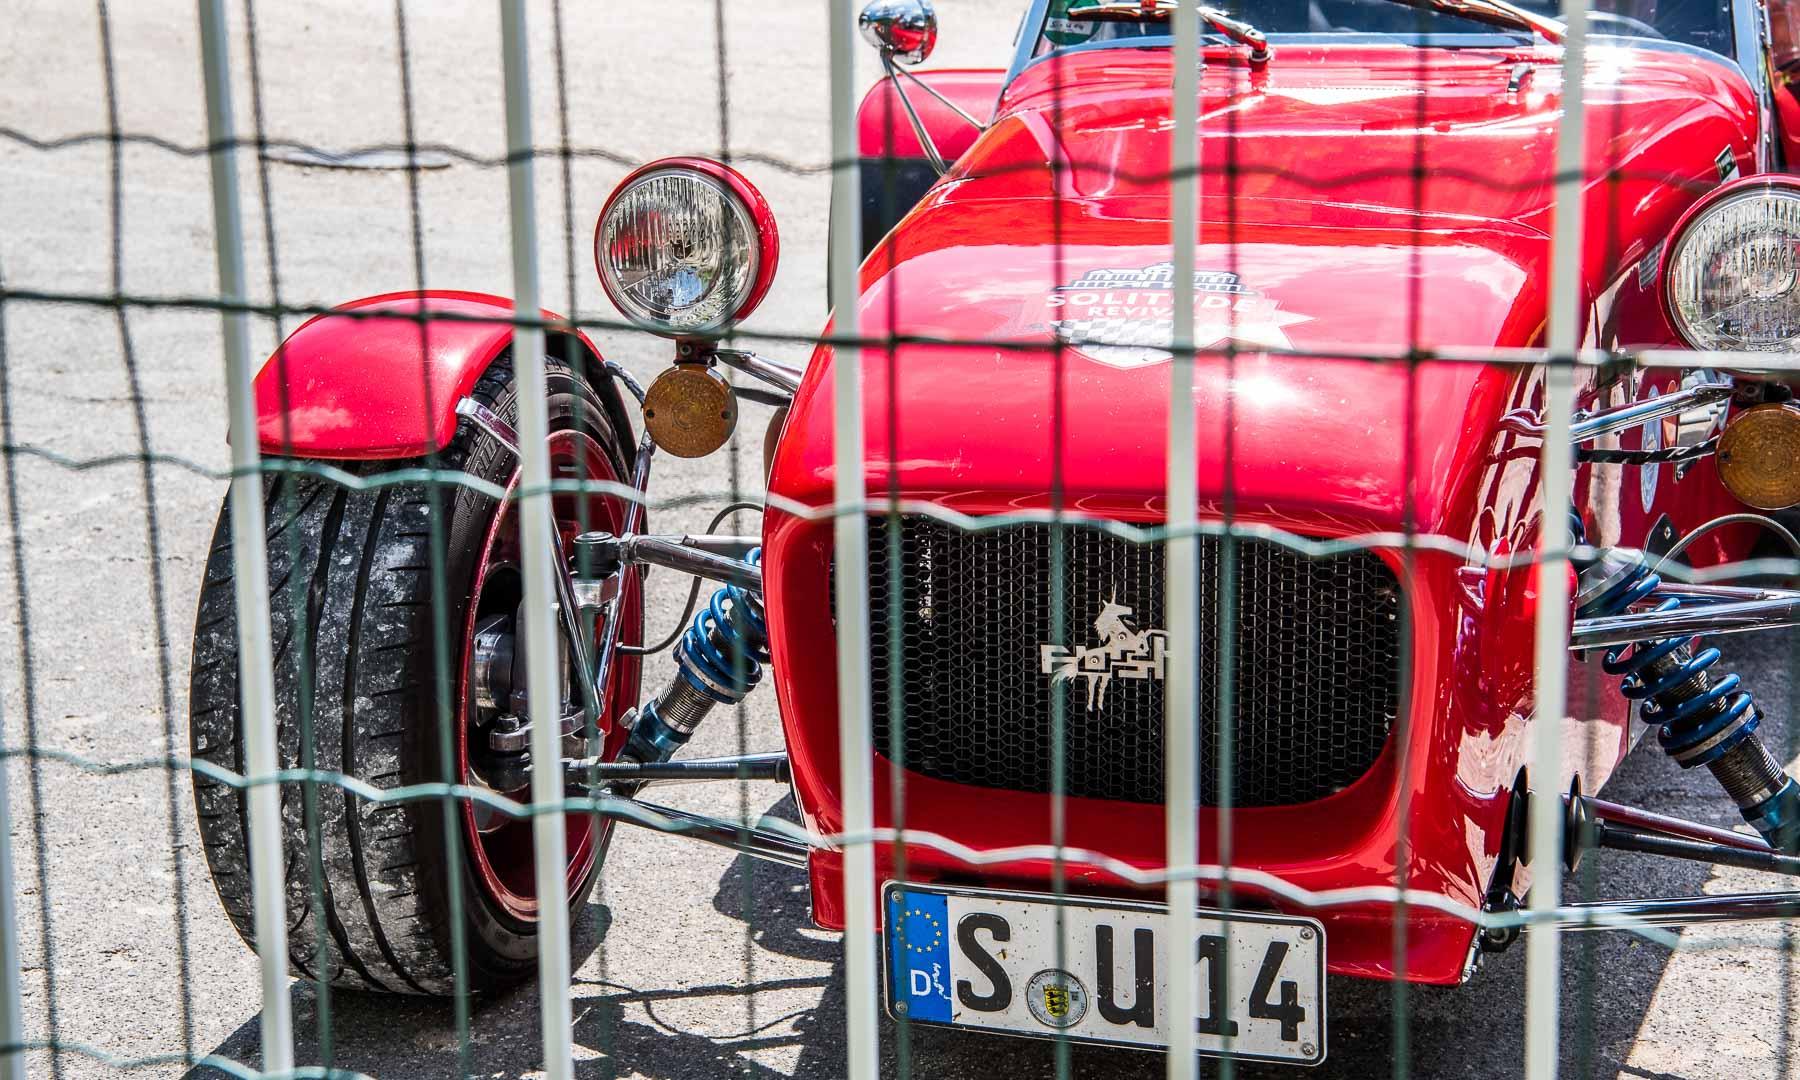 Lotus Seven Ausfahrt Walther Buhl Schwaebische Alb AUTOmativ.de Benjamin Brodbeck 4 - Gentleman's Drive: Mit dem Lotus Seven auf die Schwäbische Alb